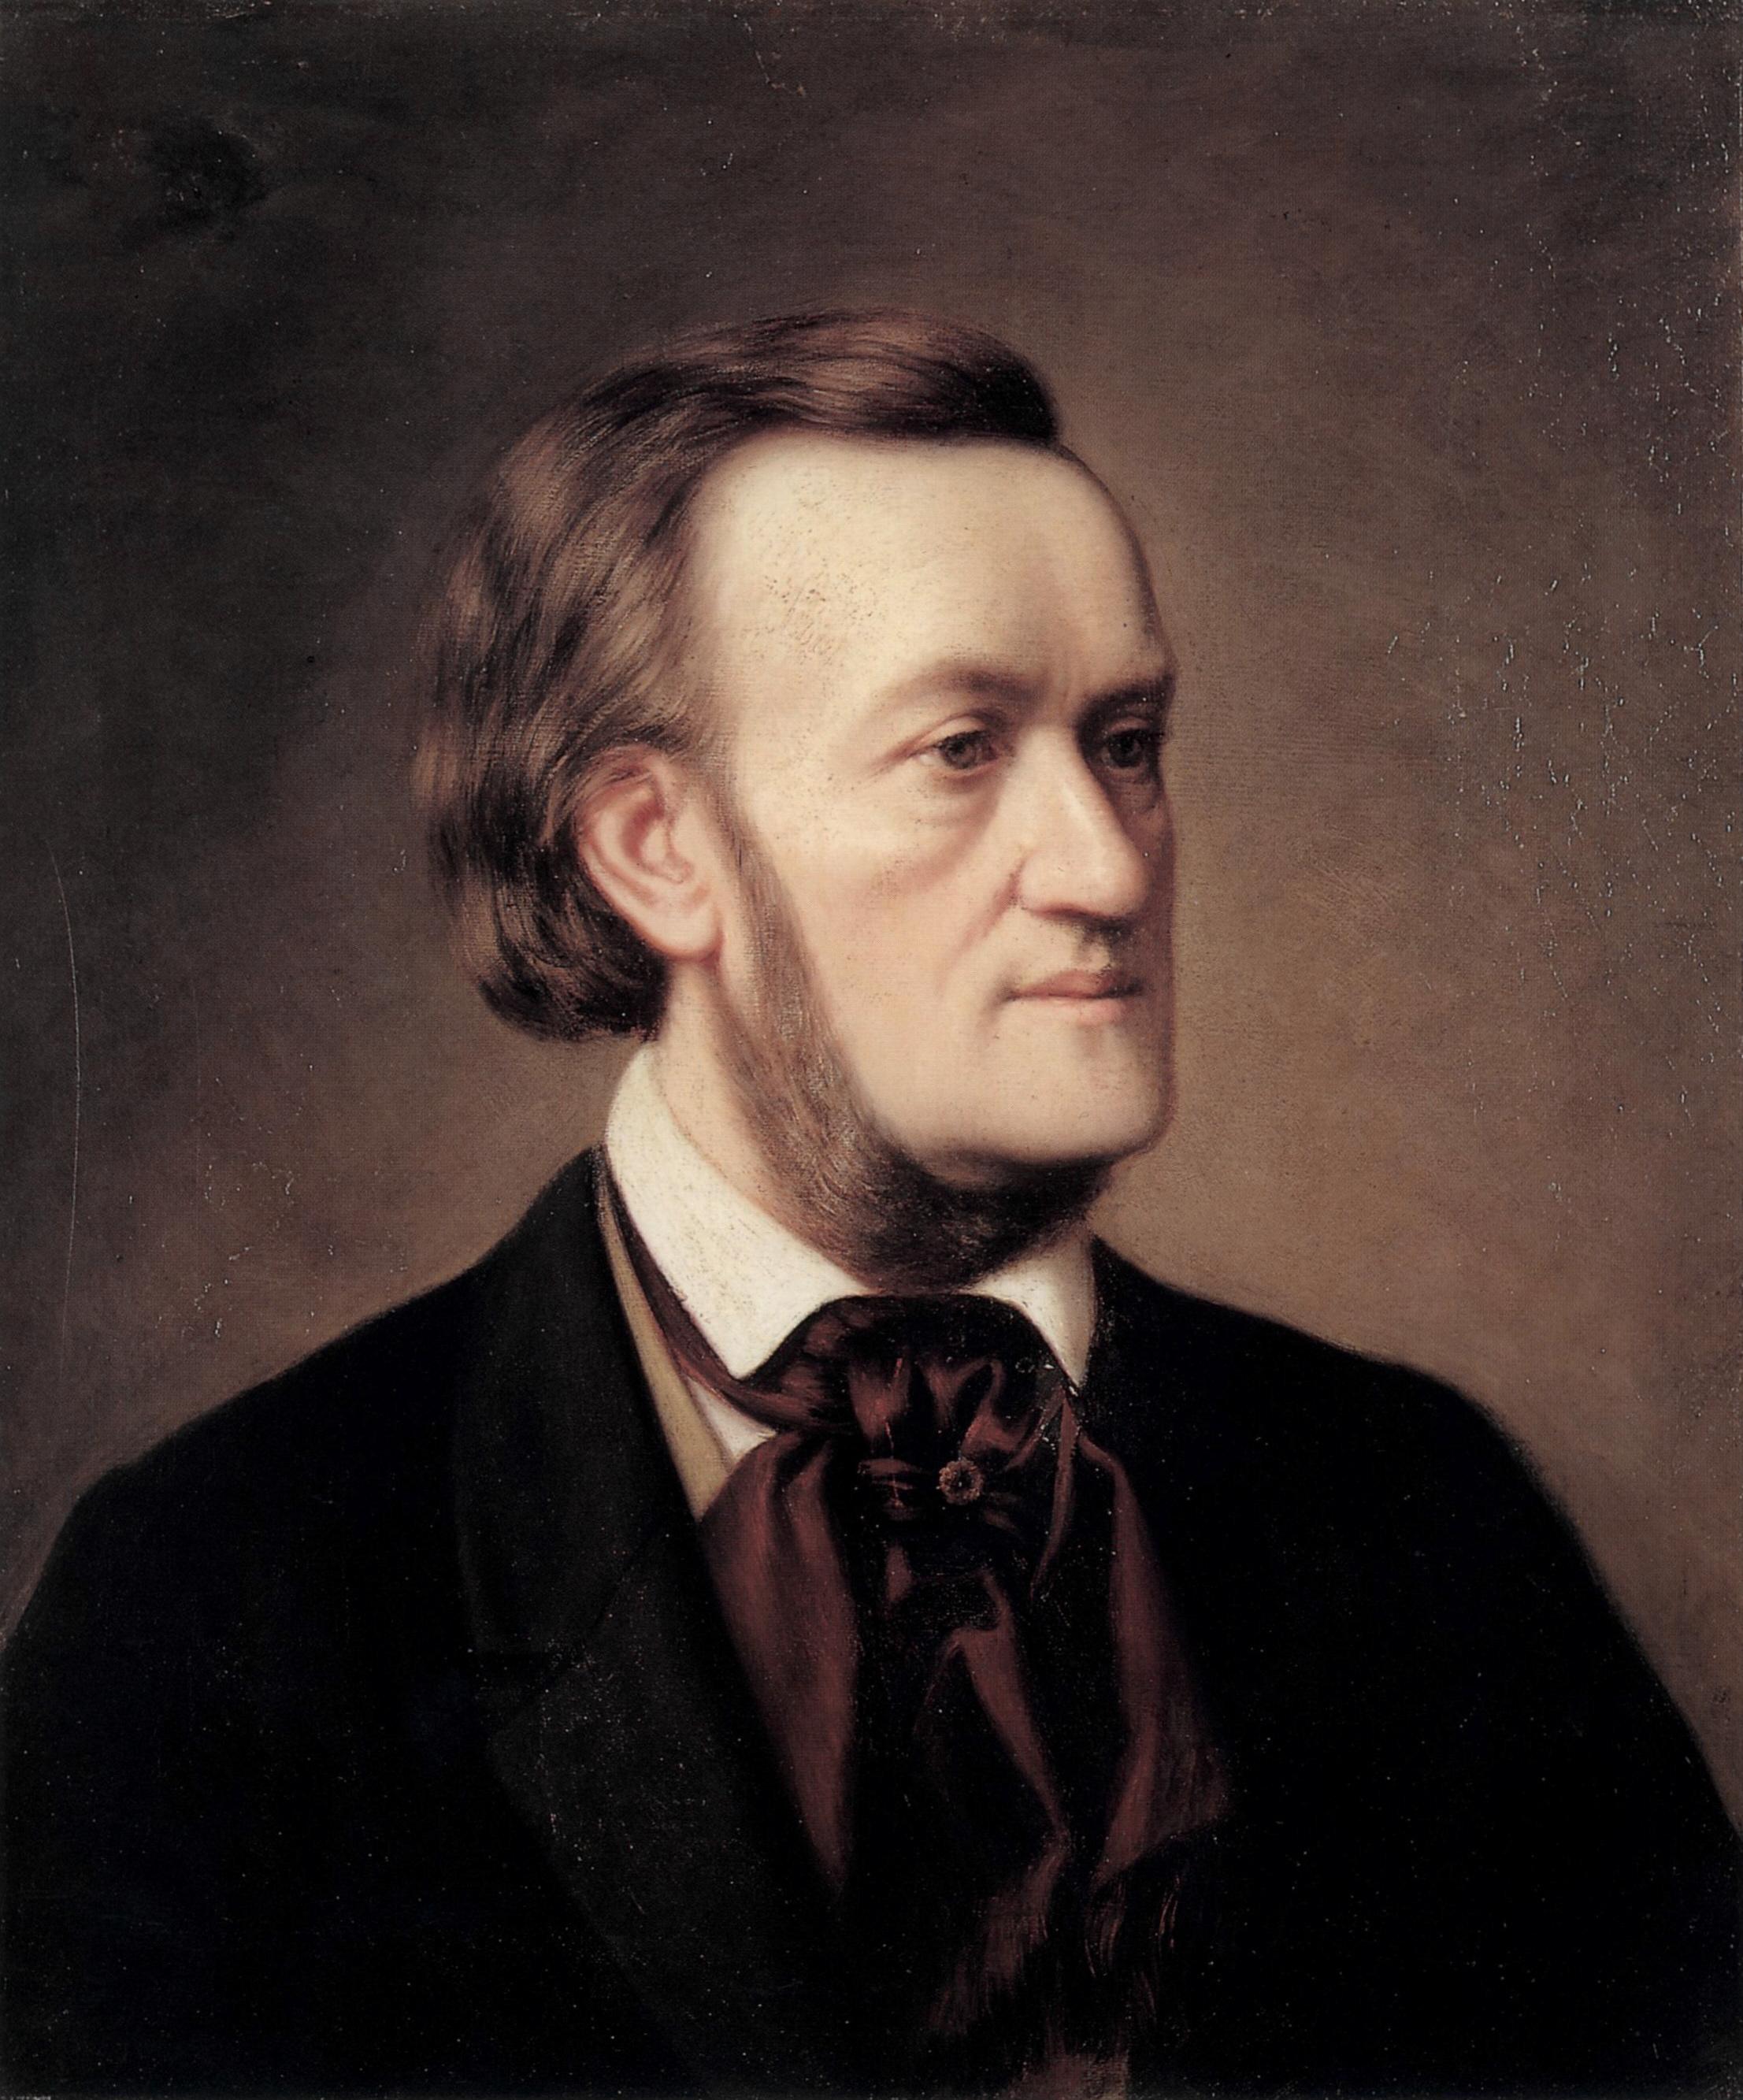 Intervista a Richard Wagner